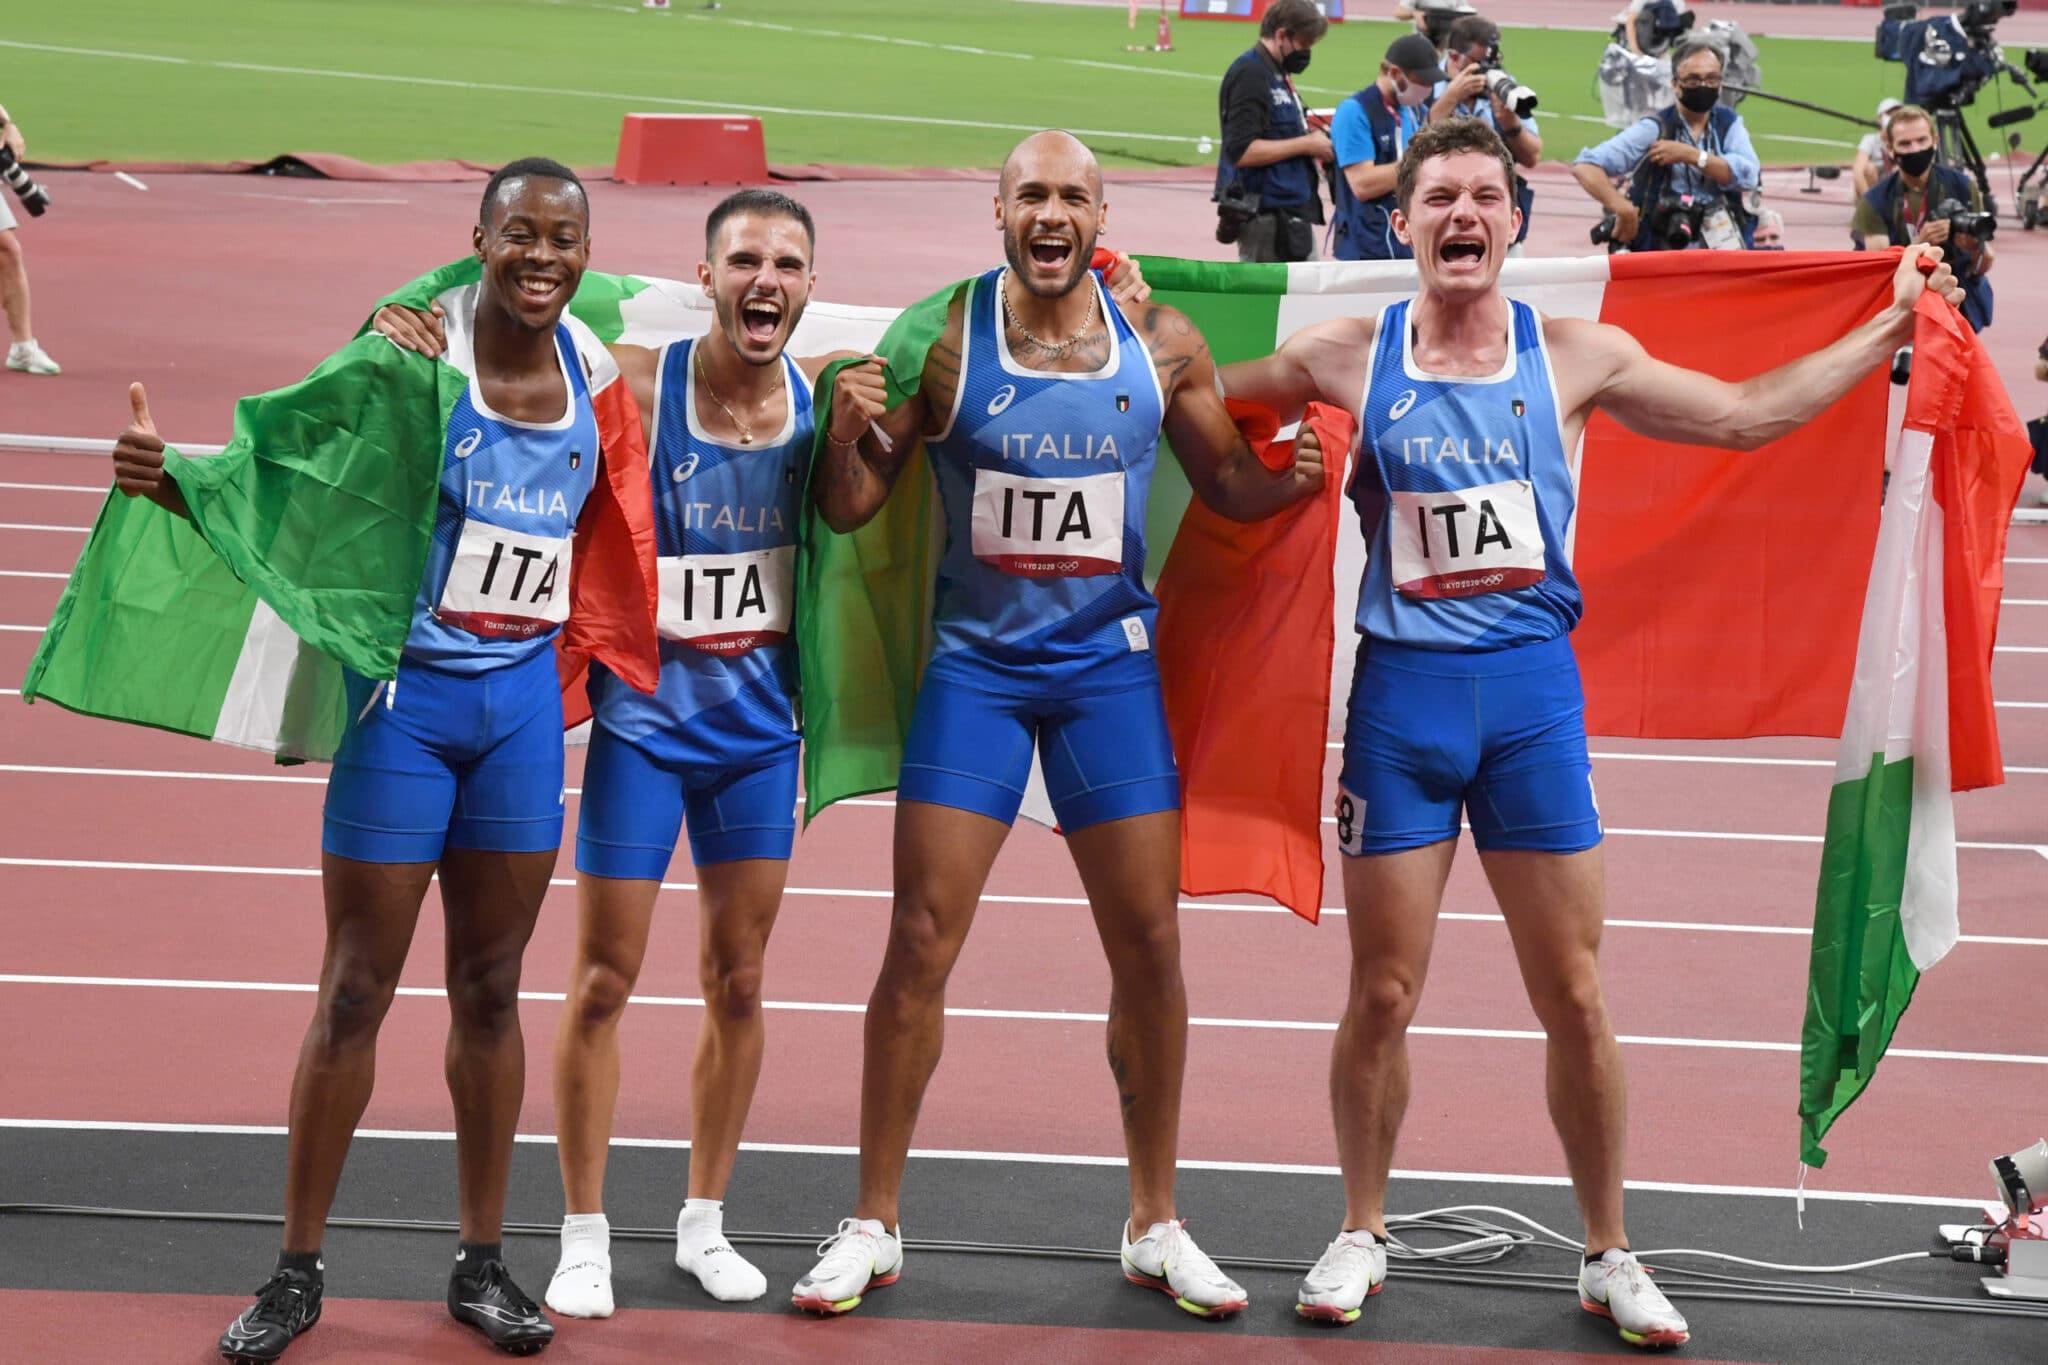 I quattro corridori italiani festeggiano l'oro Olimpico a Tokyo 2020. Crediti: Alfredo Falcone - LaPresse